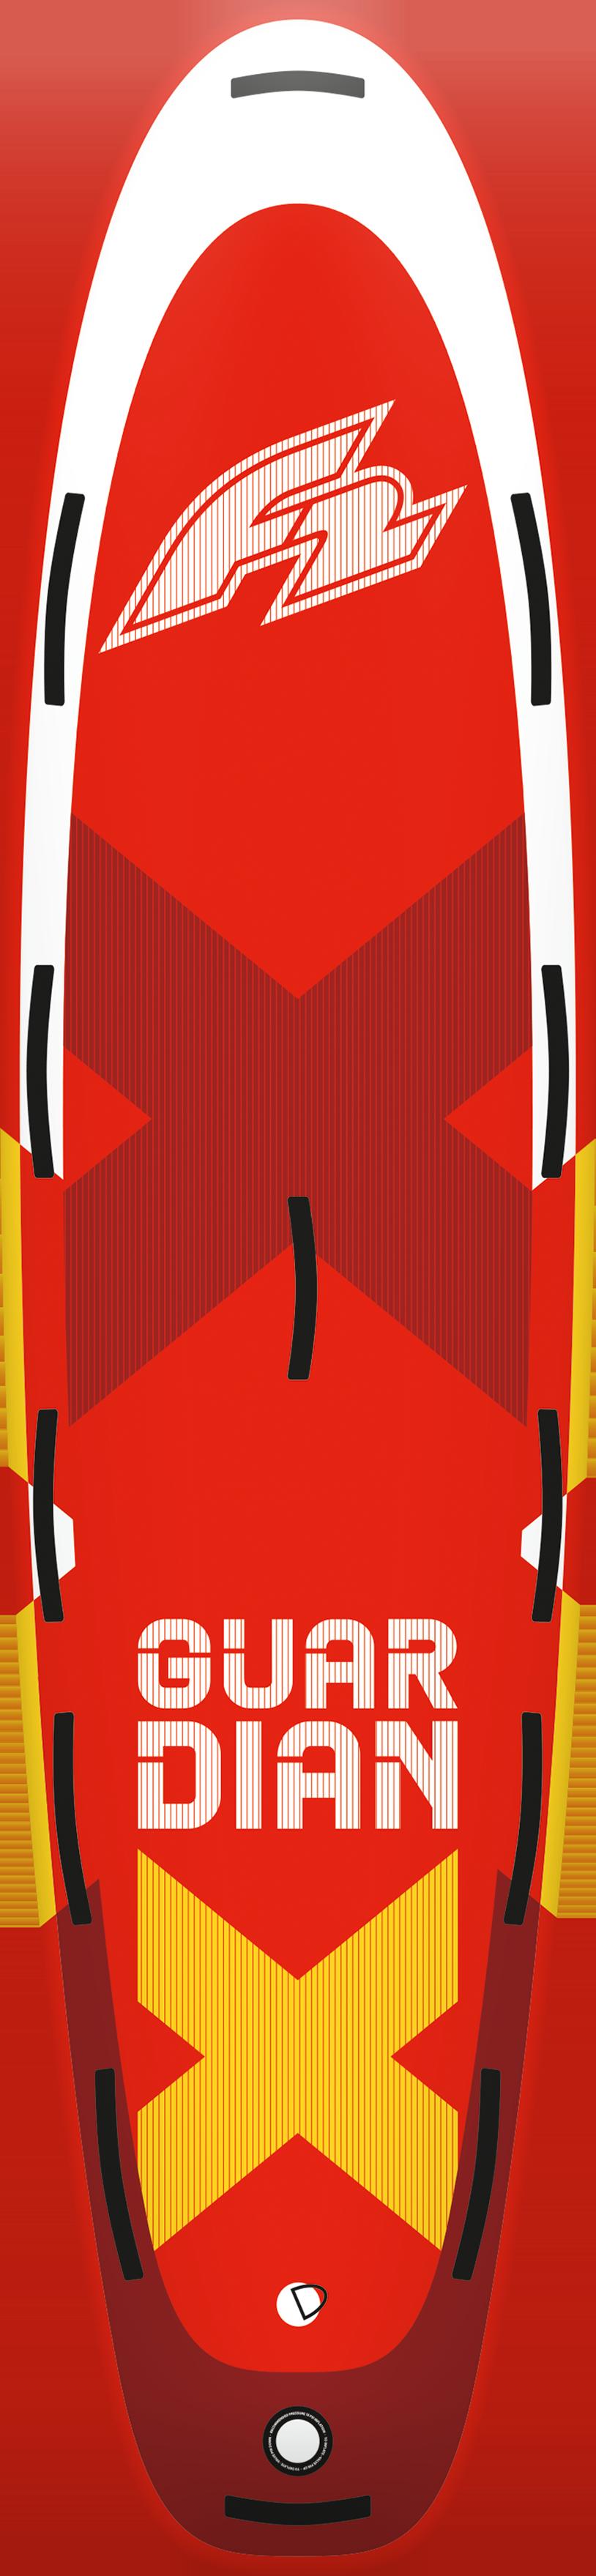 GUARDIAN - Top